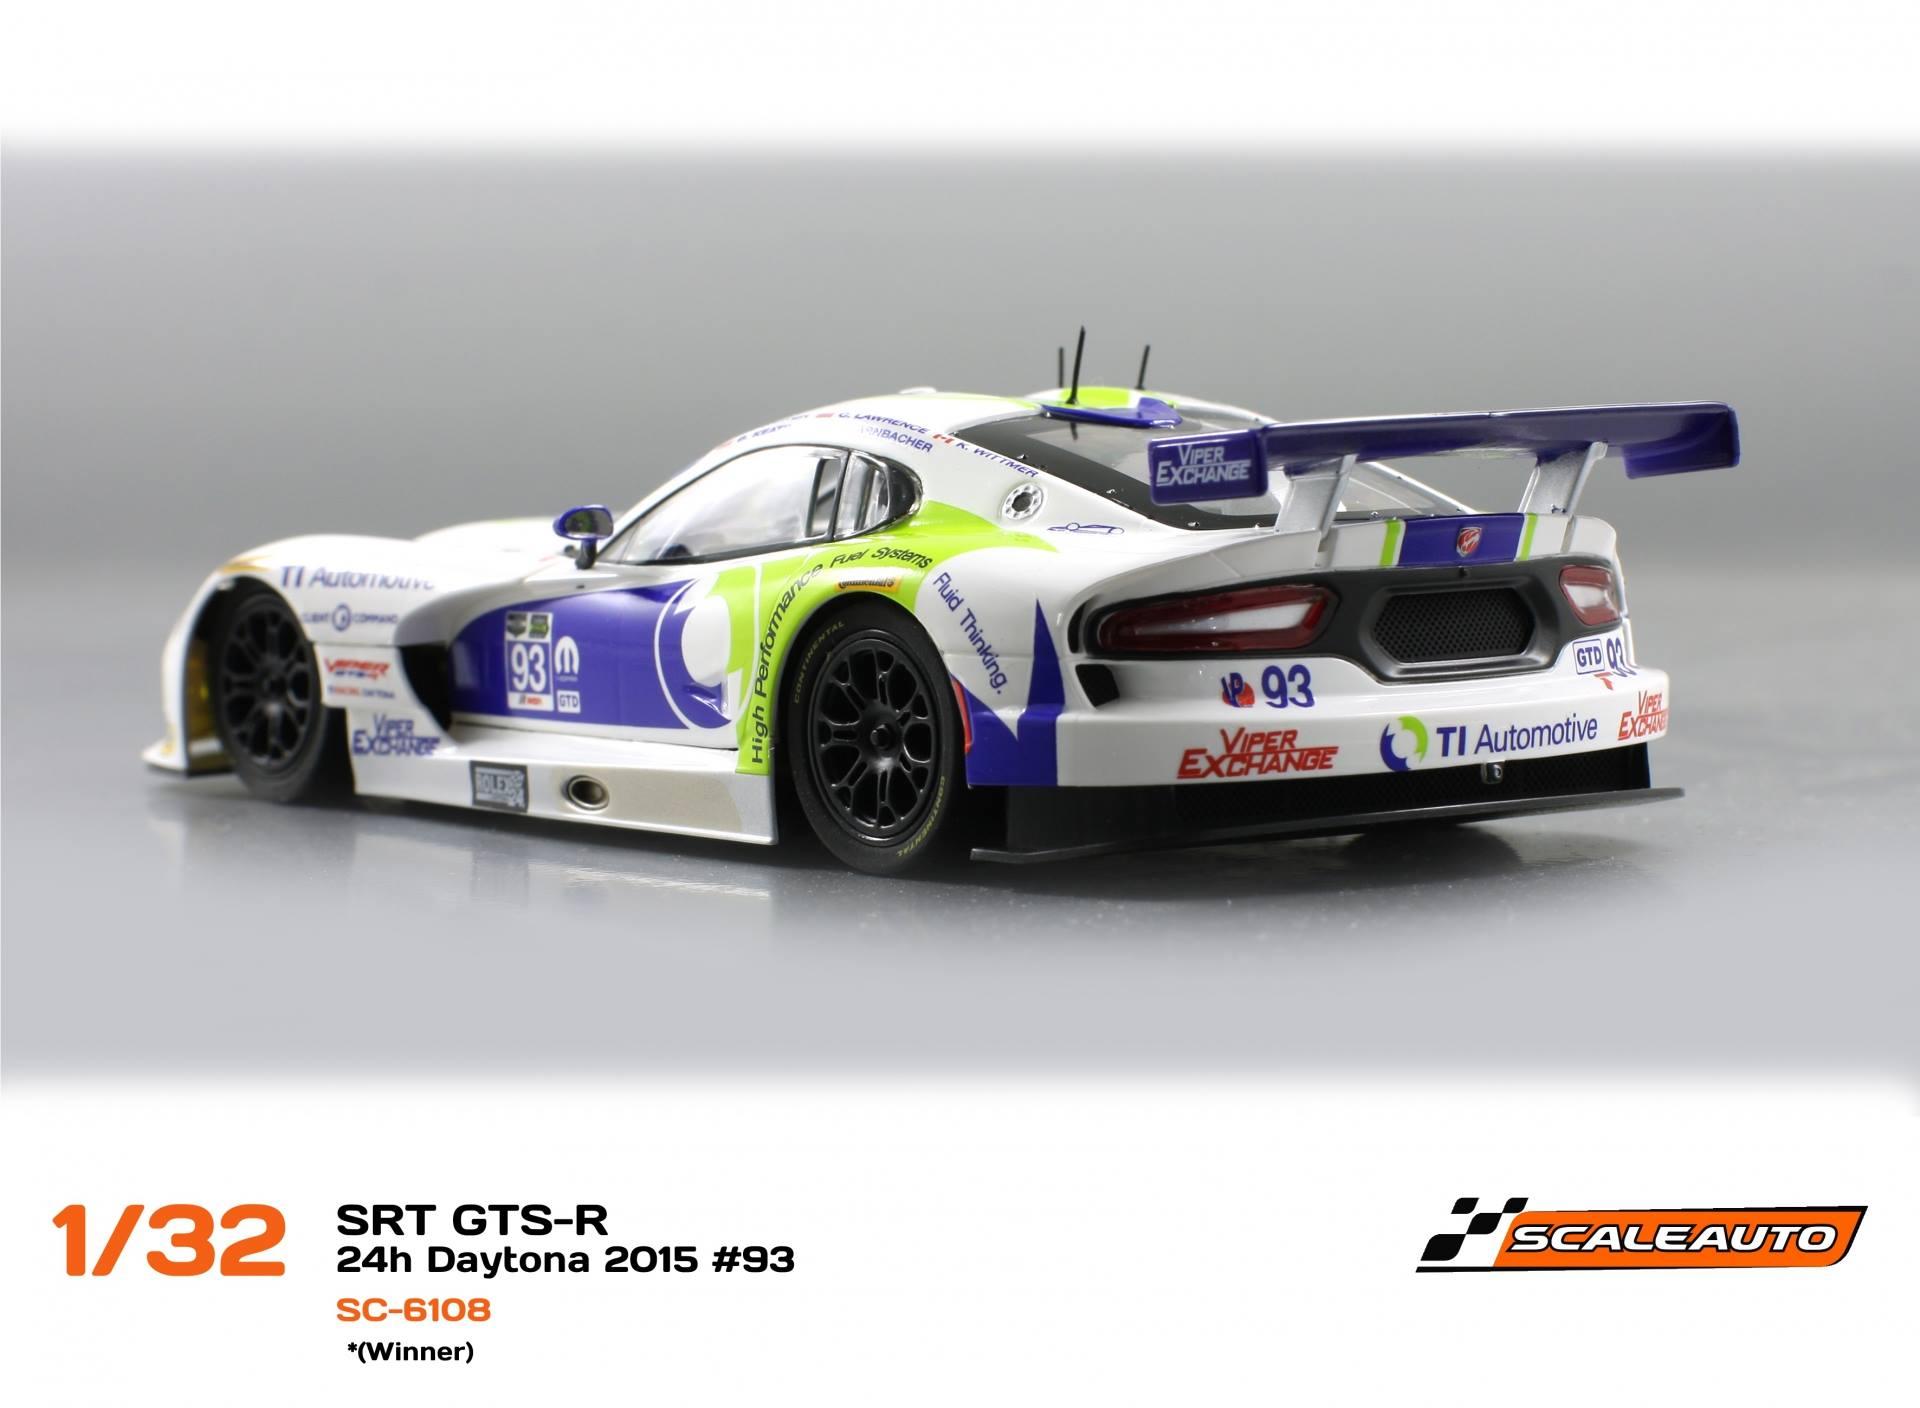 1/32 SRT Viper GTS-R 24H Daytona 2015 #93